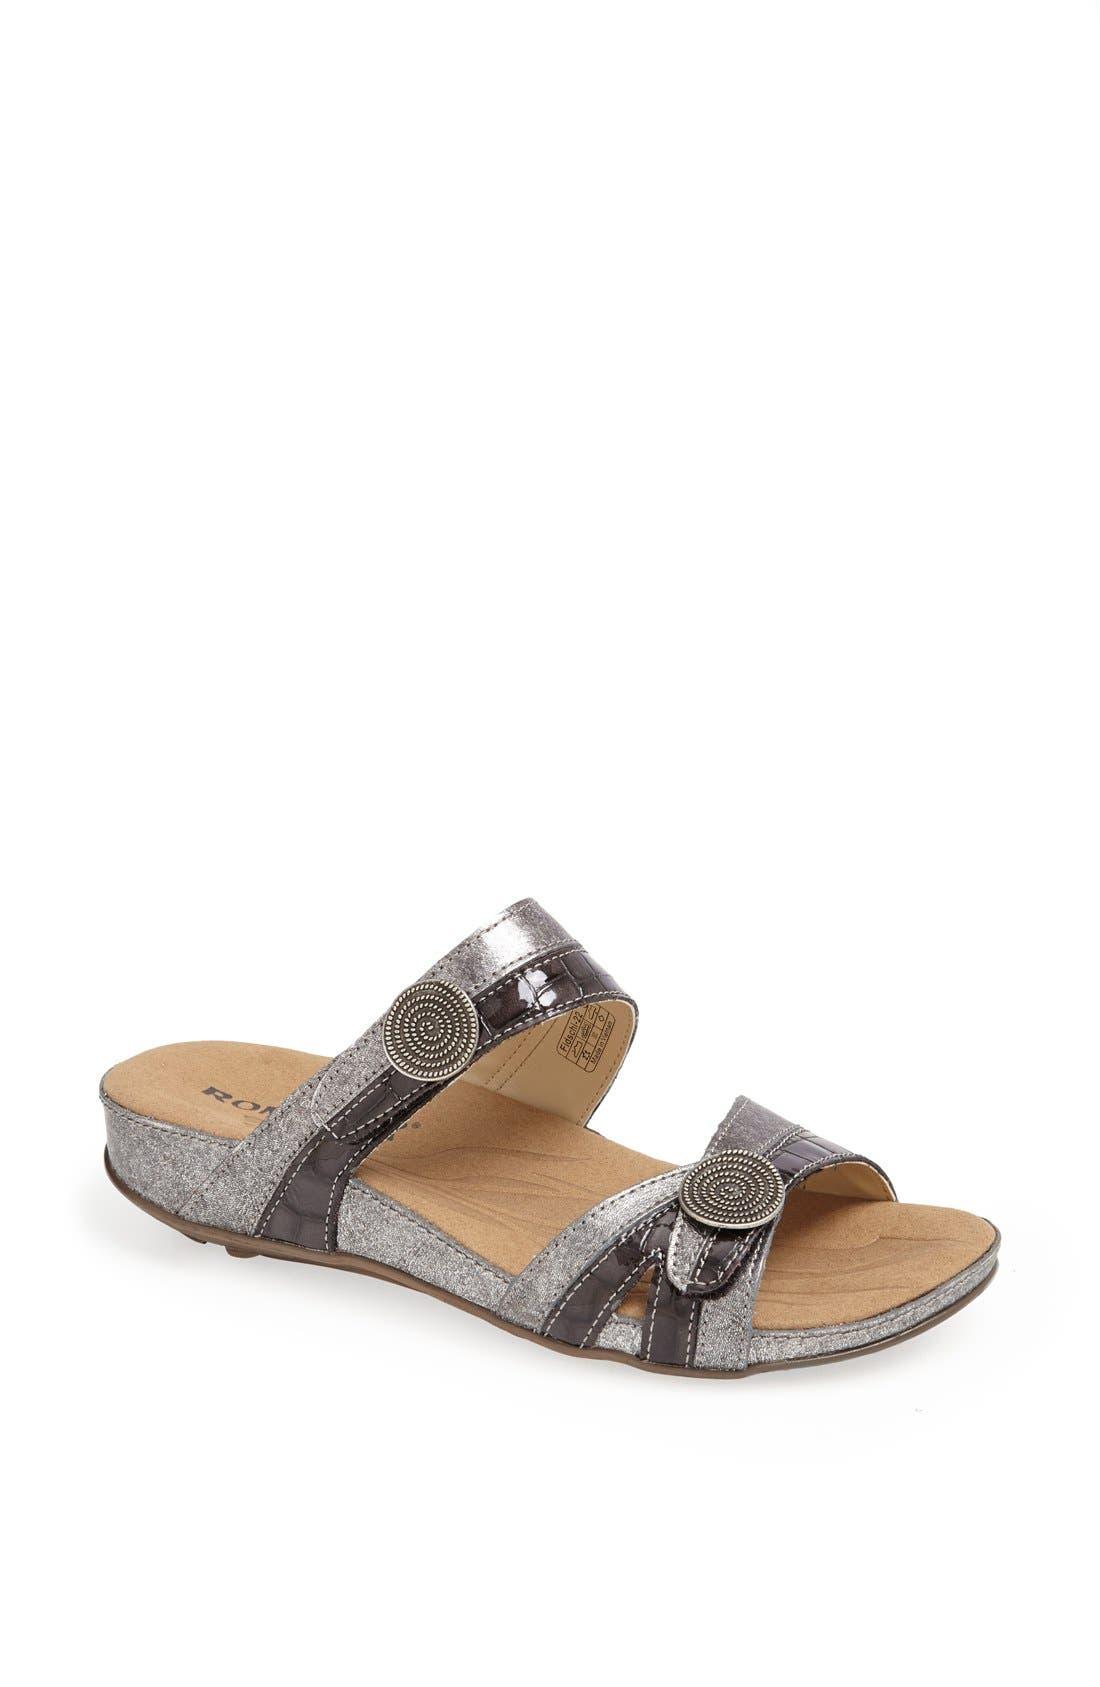 Romika® 'Fidschi 22' Sandal